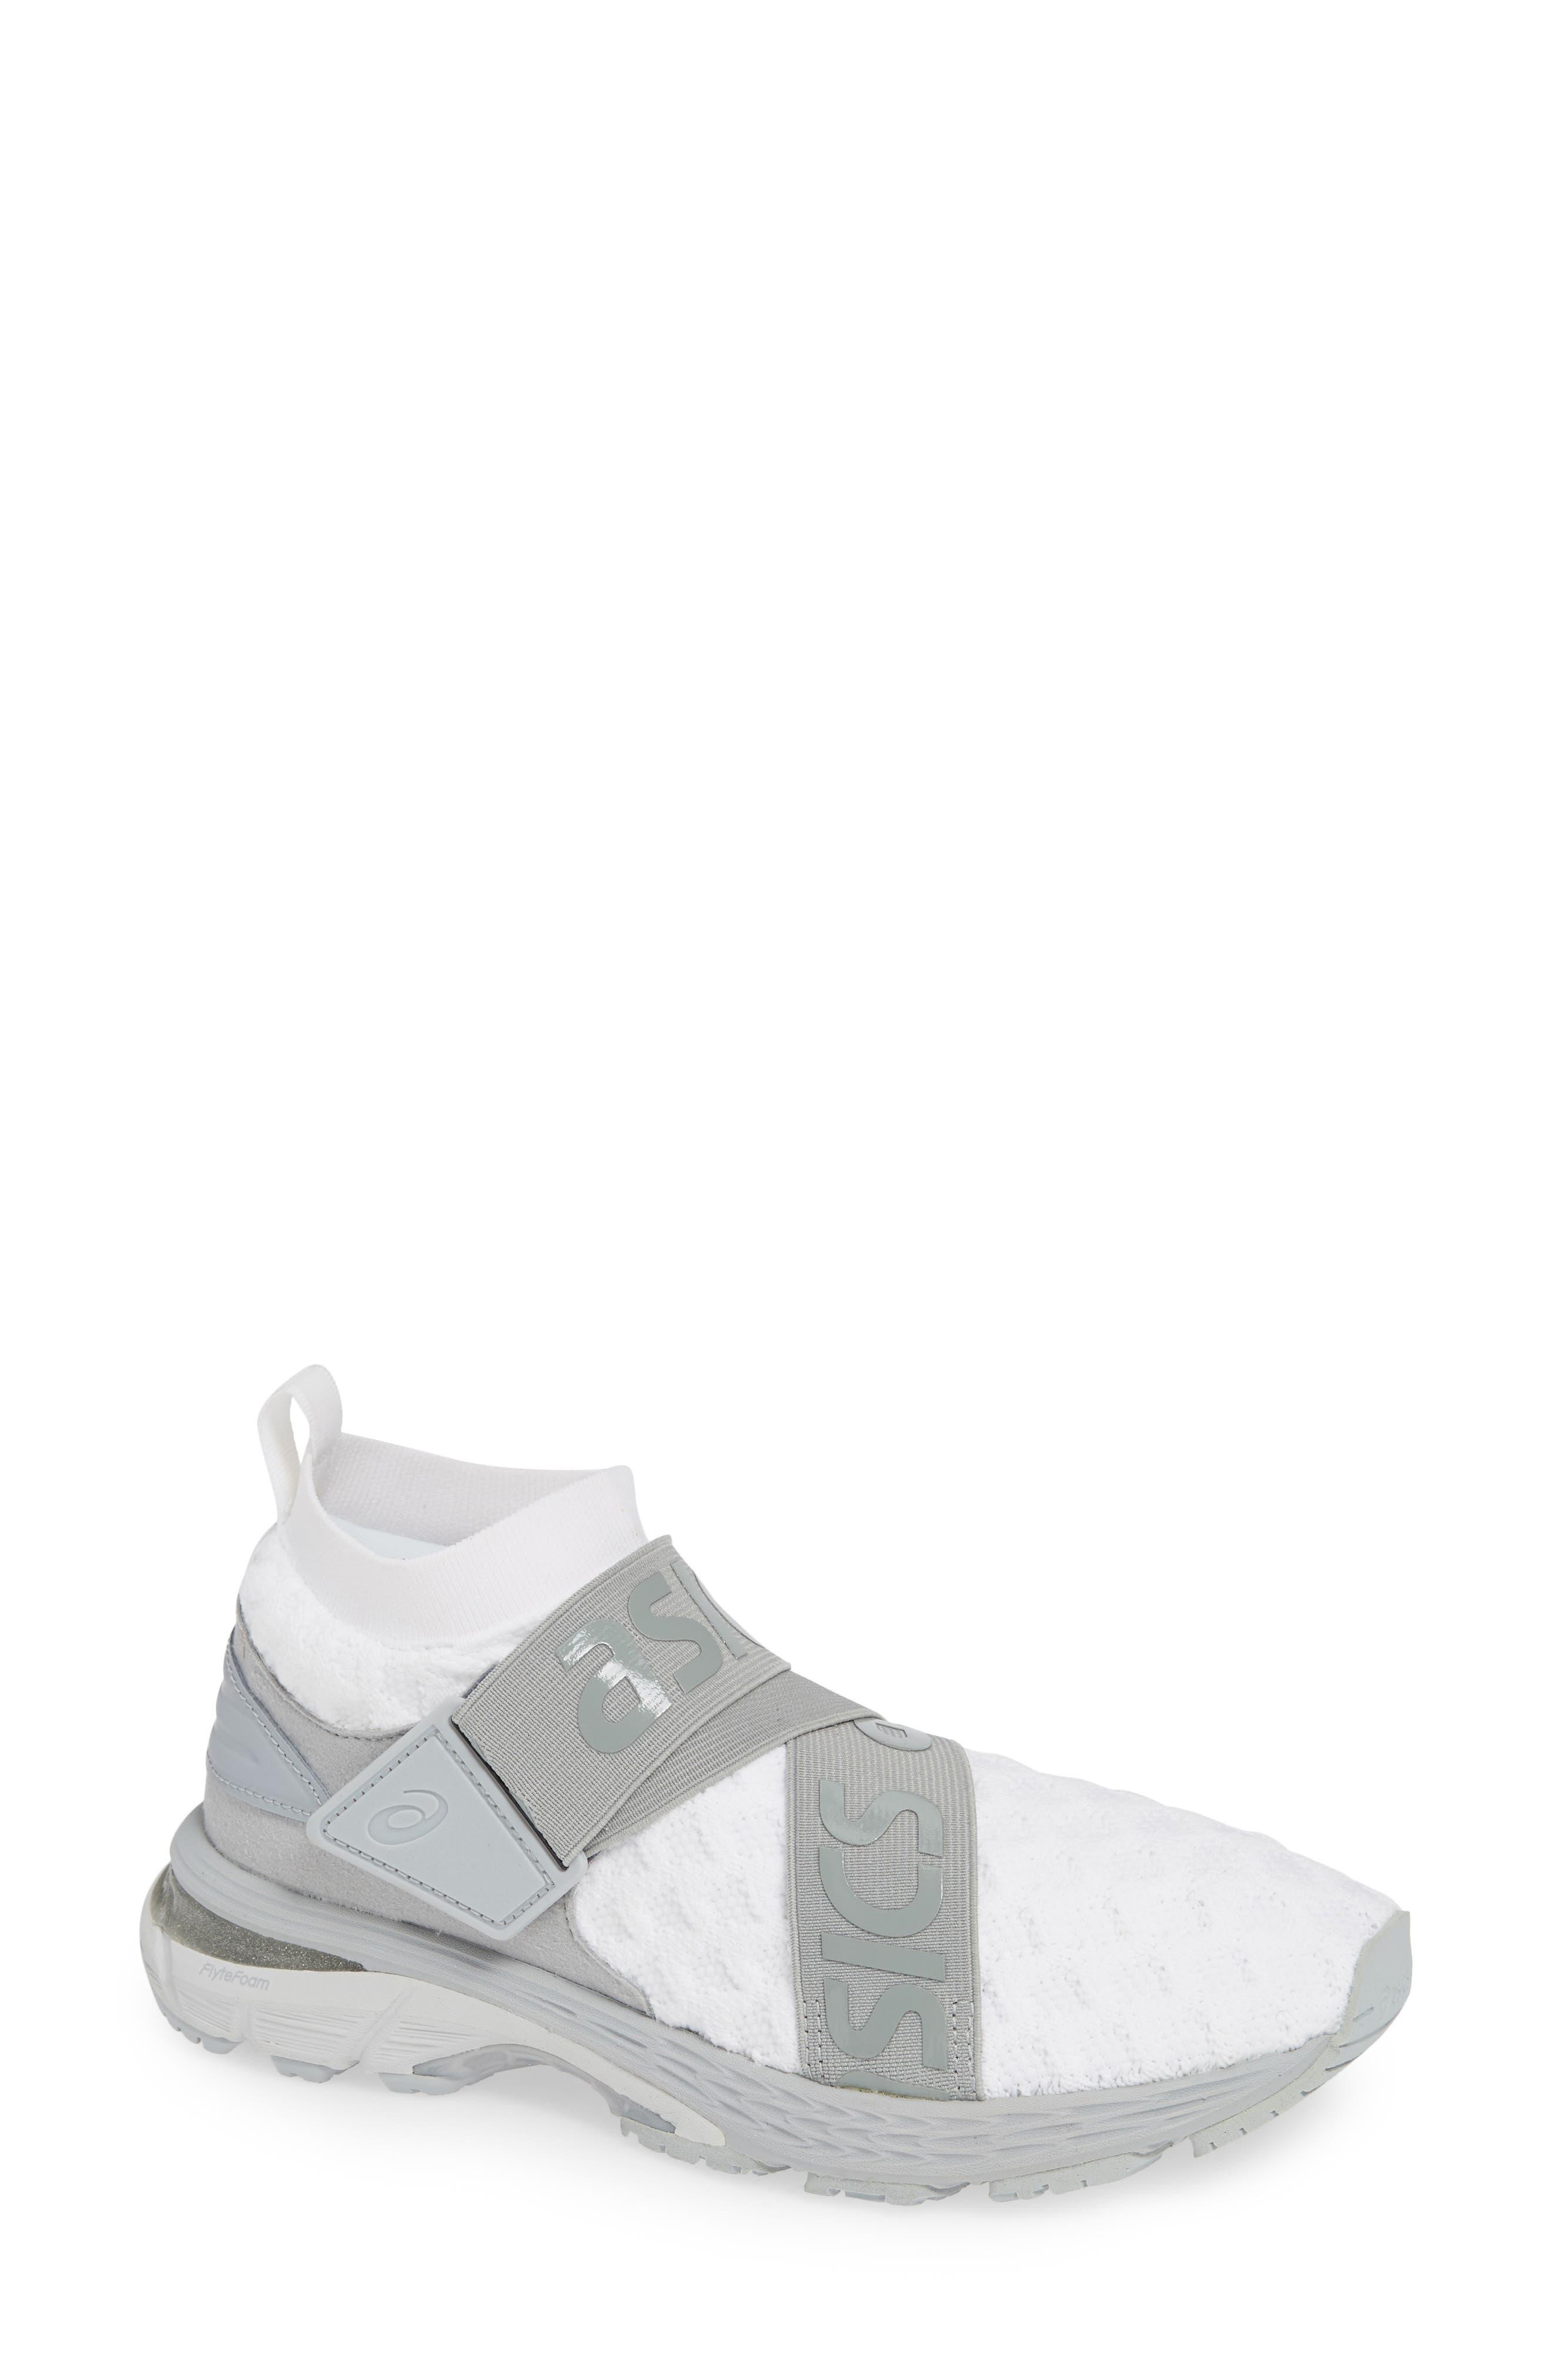 Asics Gel-Kayano 25 Obi Running Shoe, Grey